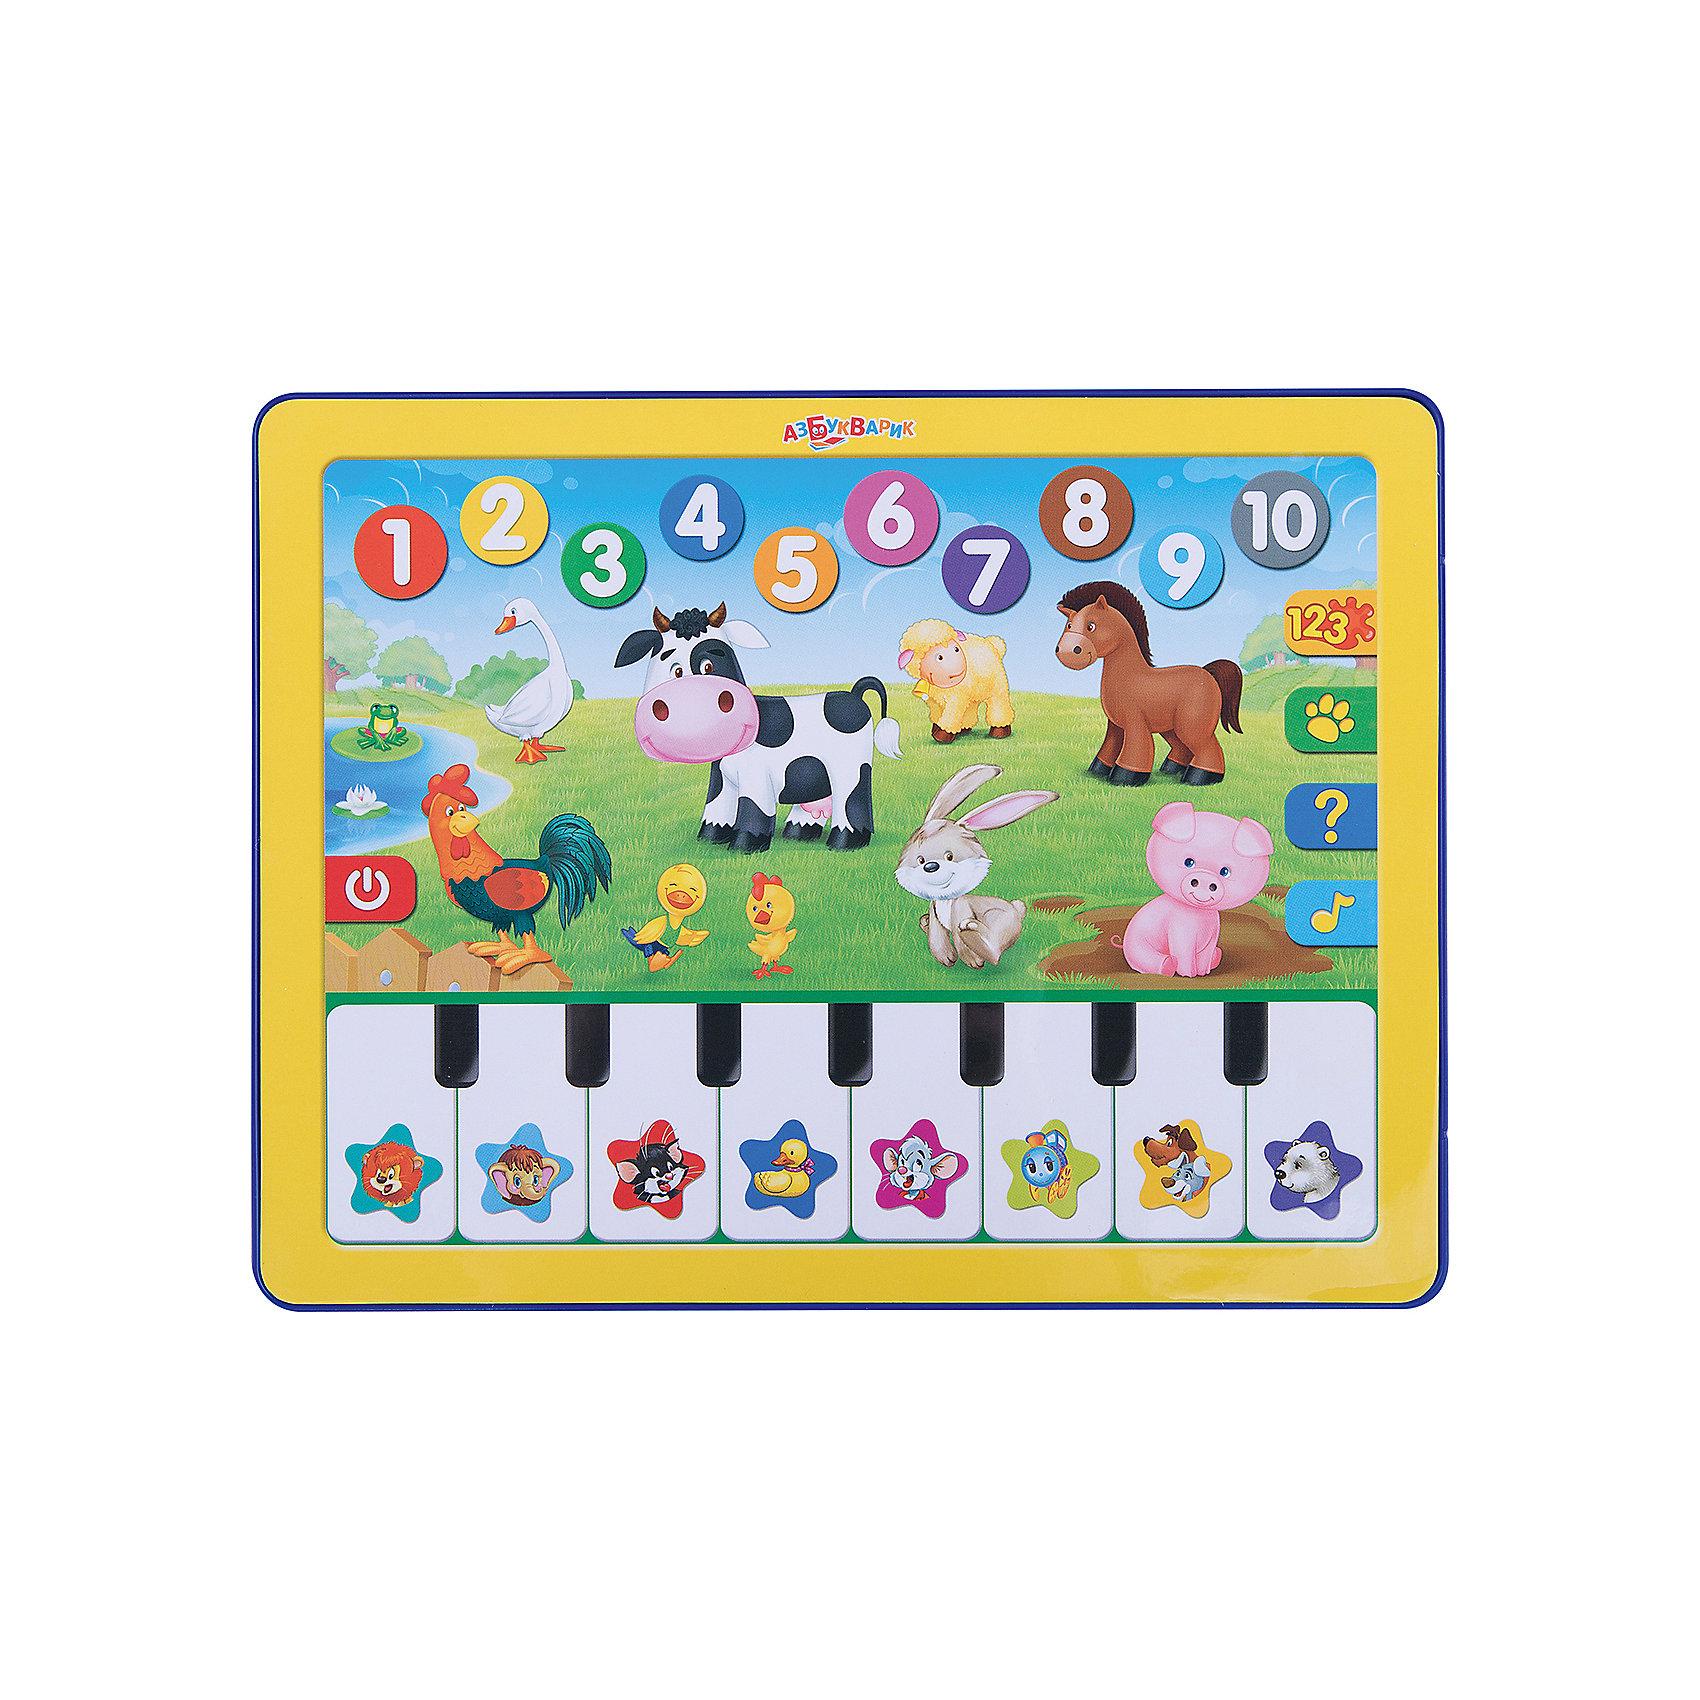 Планшет Веселая радуга с пианиноДругие музыкальные инструменты<br>Дети обожают гаджеты и электронные игрушки. Игровой планшетик с пианино приведет в восторг малыша и надолго займет маленького непоседу. Нажимая на яркие картинки, ребёнок выучит цифры и цвета, познакомится с животными фермы, отгадает загадки. На клавишах пианино не только звуки, но и песенки мультяшек!<br>Игрушка выполнена из высококачественного нетоксичного пластика безопасного для детей. <br><br>Дополнительная информация:<br><br>- Материал: пластик.<br>- Формат: 24х18,5 см.<br>- 8 песенок.<br>- Веселые игры.<br>- Цвета, животные фермы, цифры.<br>- Элемент питания: батарейки AAA (UM4 or LR03) (в комплекте).<br><br>Планшет Веселая радуга, с пианино, можно купить в нашем магазине.<br><br>Ширина мм: 190<br>Глубина мм: 200<br>Высота мм: 20<br>Вес г: 275<br>Возраст от месяцев: 12<br>Возраст до месяцев: 36<br>Пол: Унисекс<br>Возраст: Детский<br>SKU: 4603658